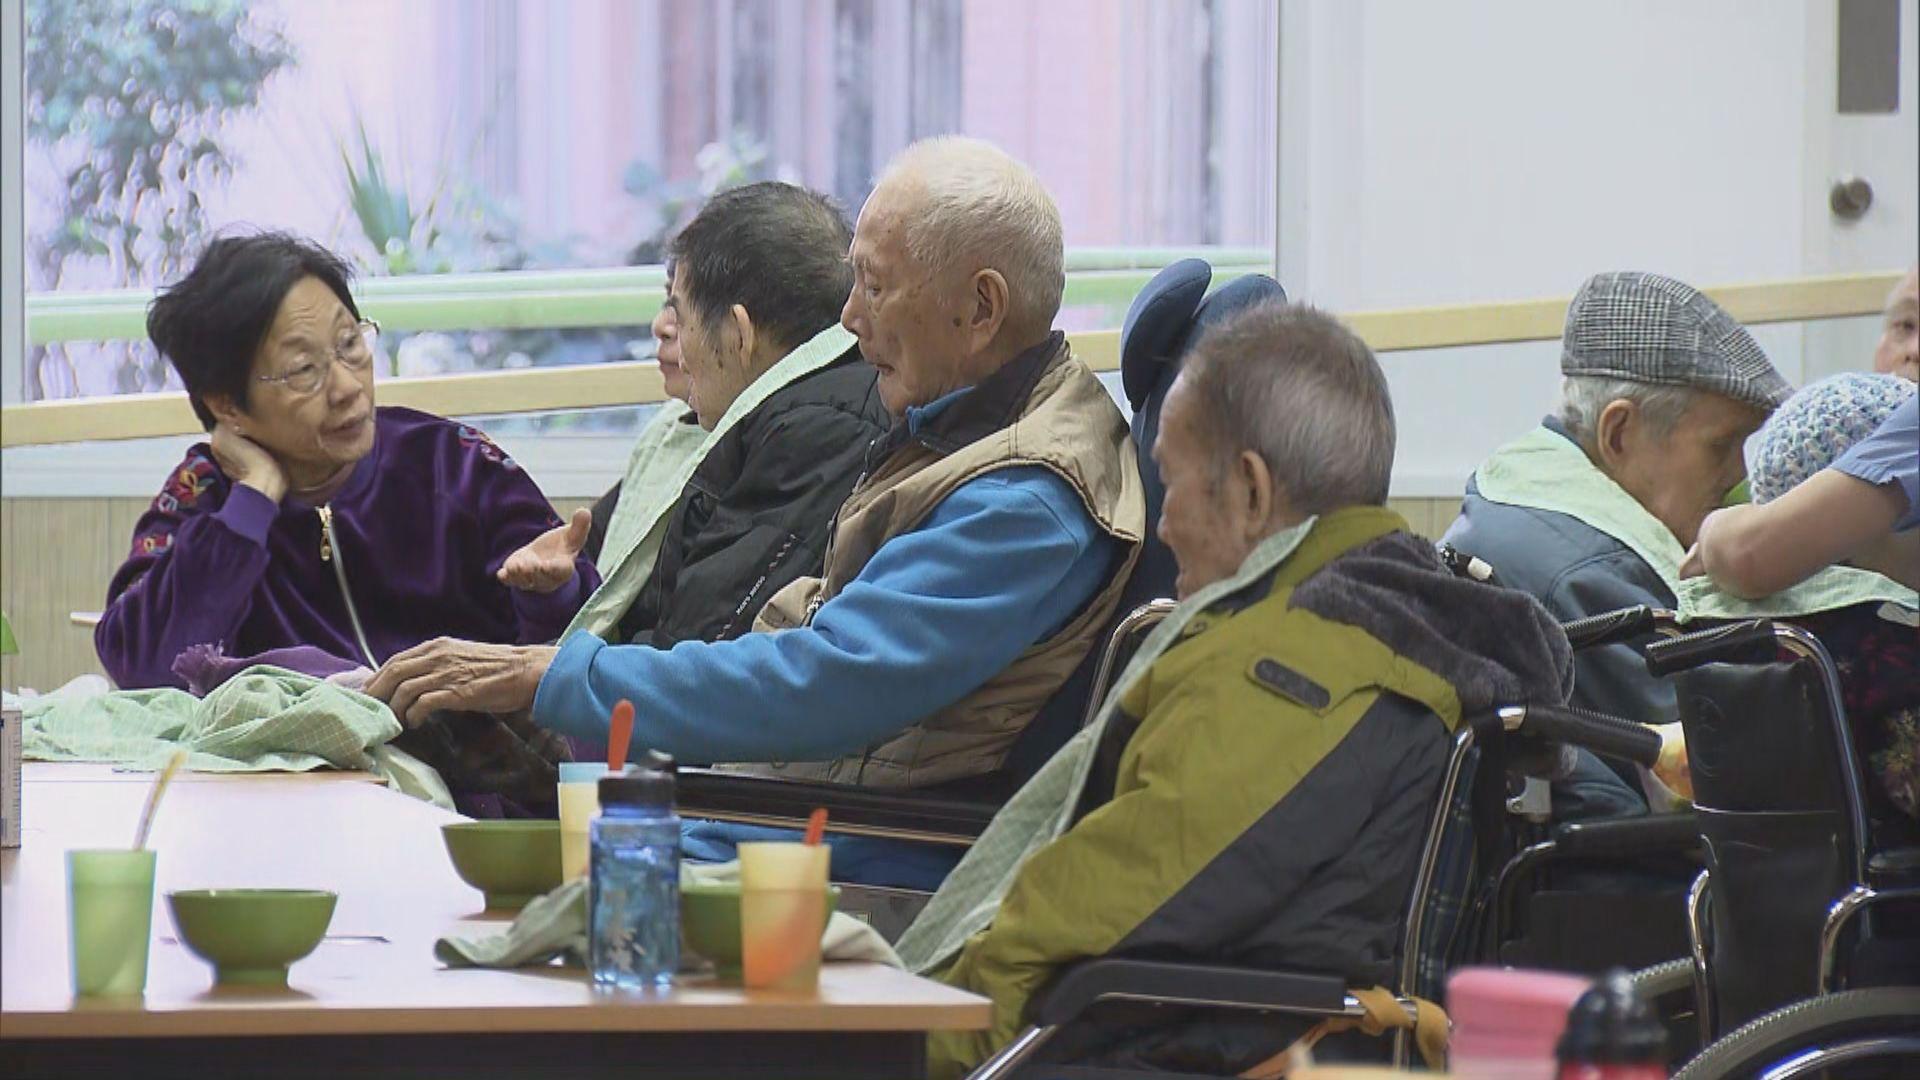 天氣寒冷 衞生防護中心籲留意長者身體狀況